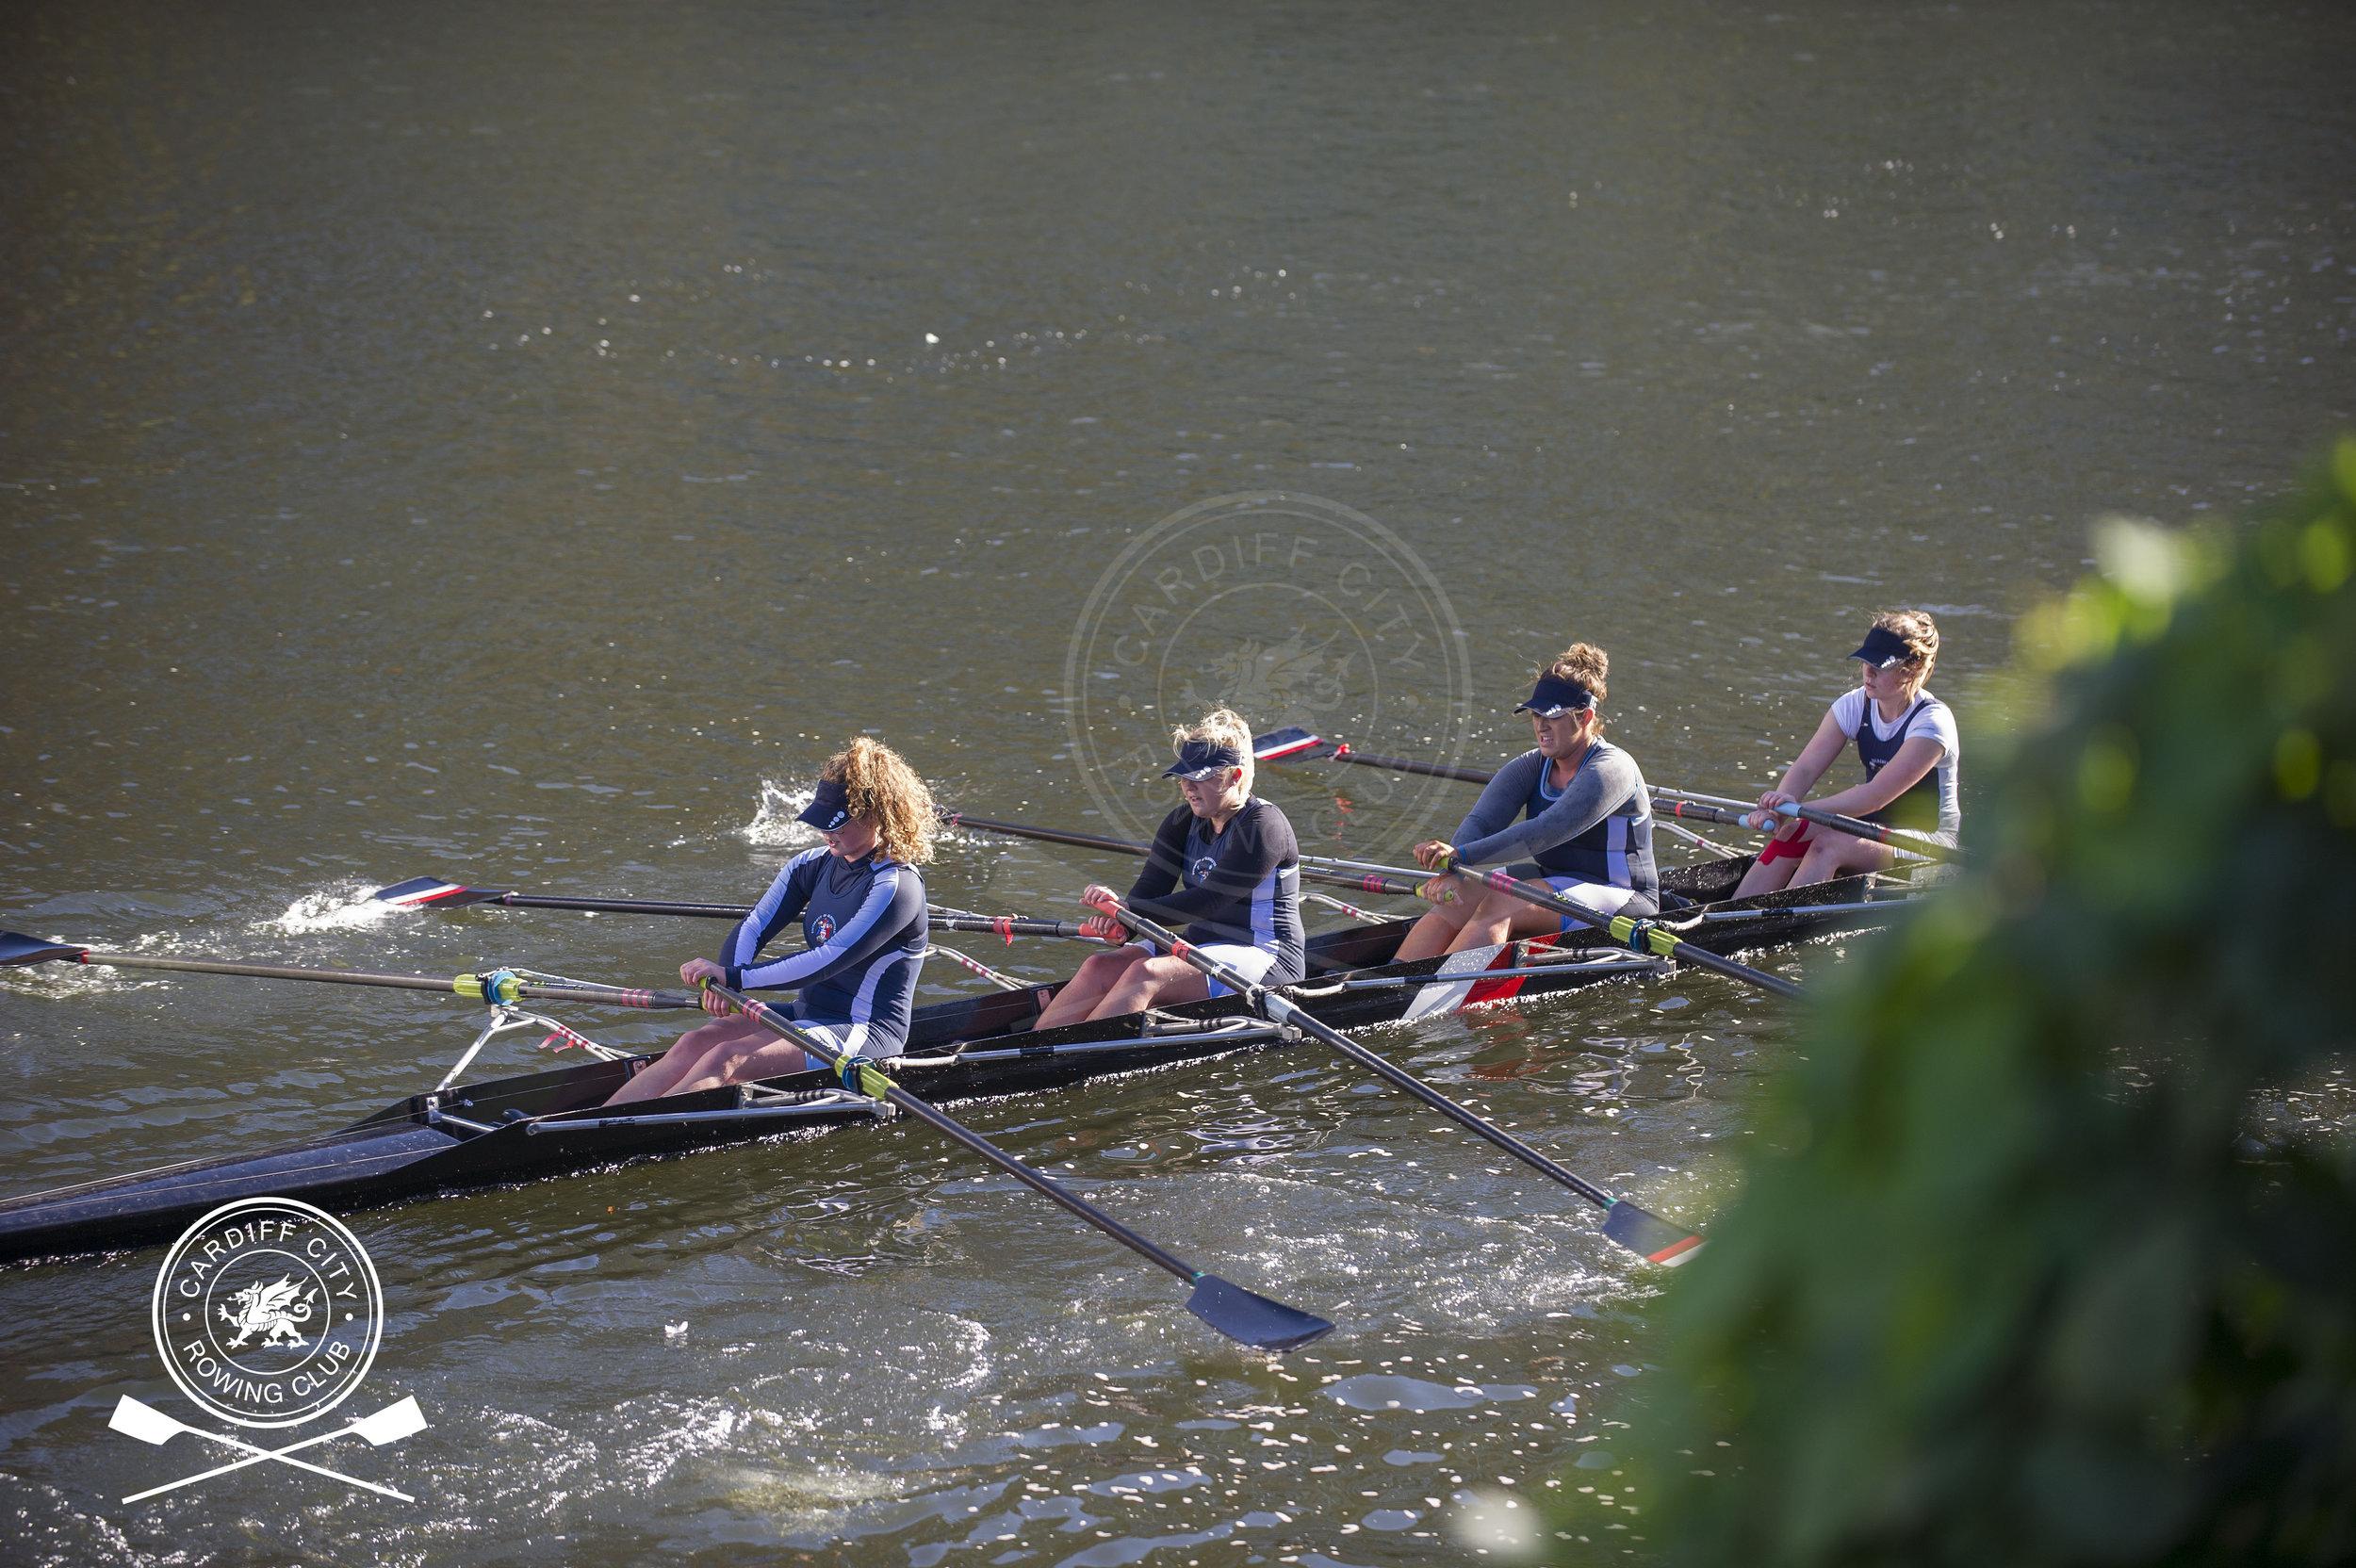 Cardiff_City_Head_Race_32.jpg